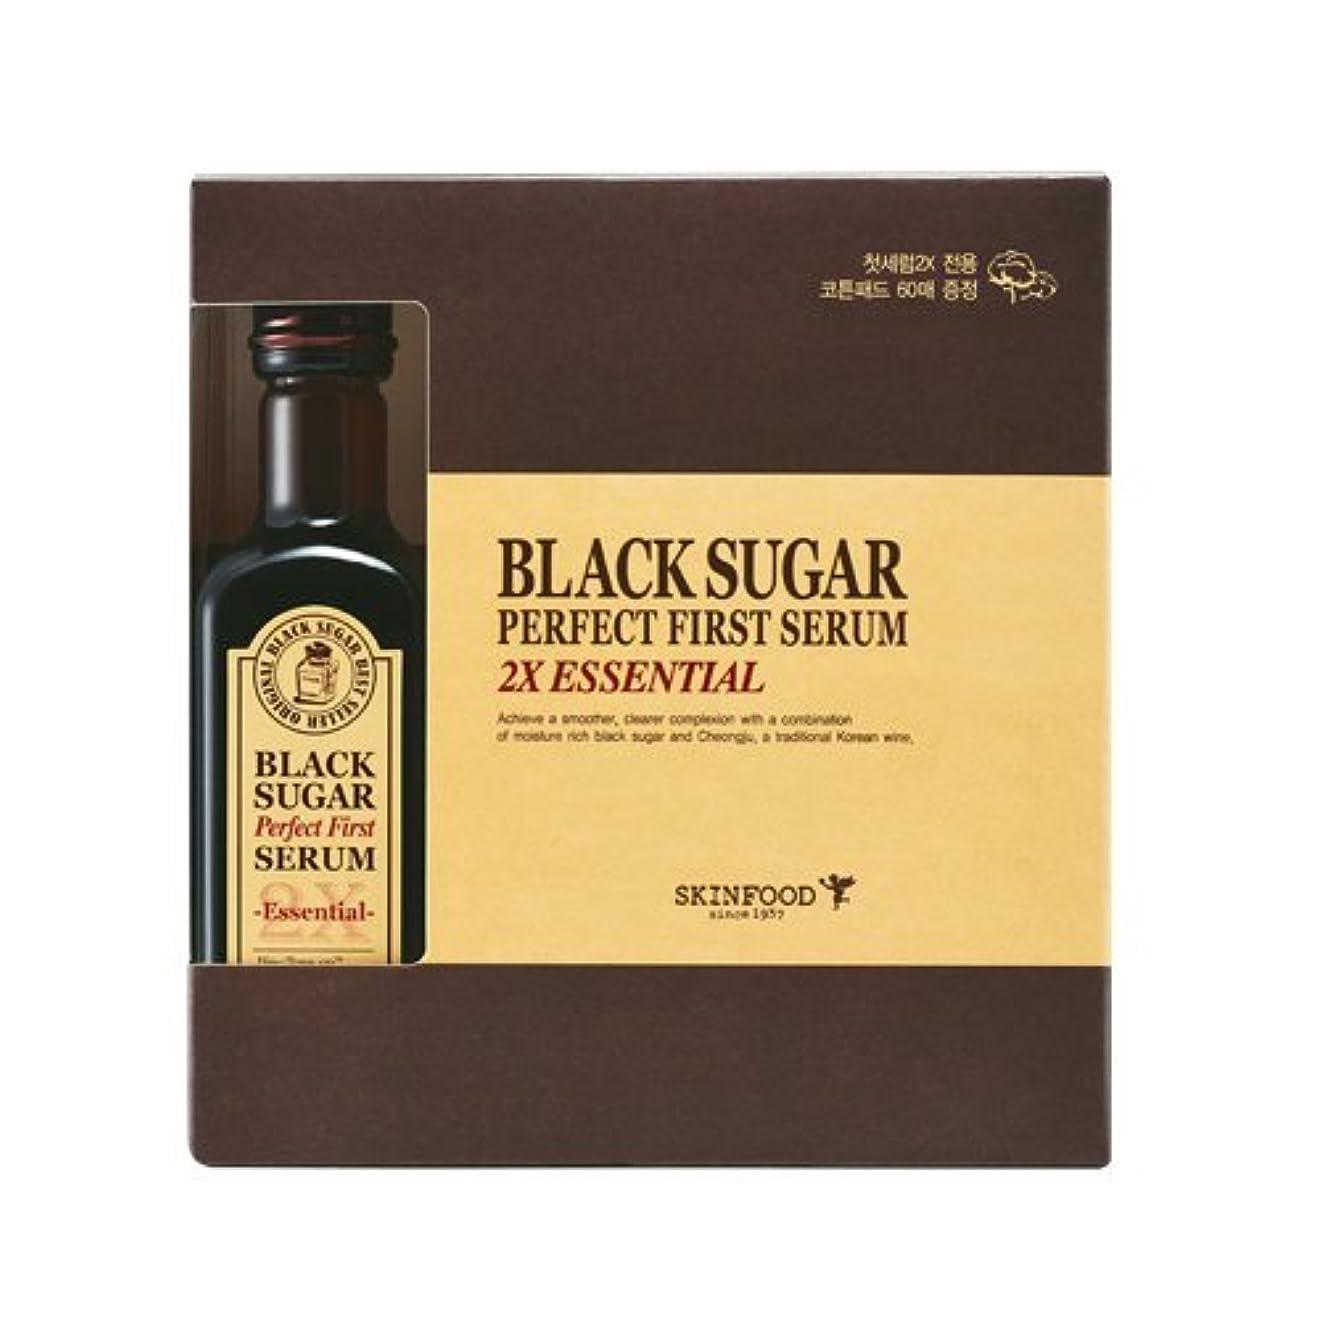 正気経由で死ぬ(SKINFOOD スキンフード)Black Sugar Perfect First Serum 2X ?essential- ブラックシュガー パーフェクトファーストセラム2X skin-brightening and...